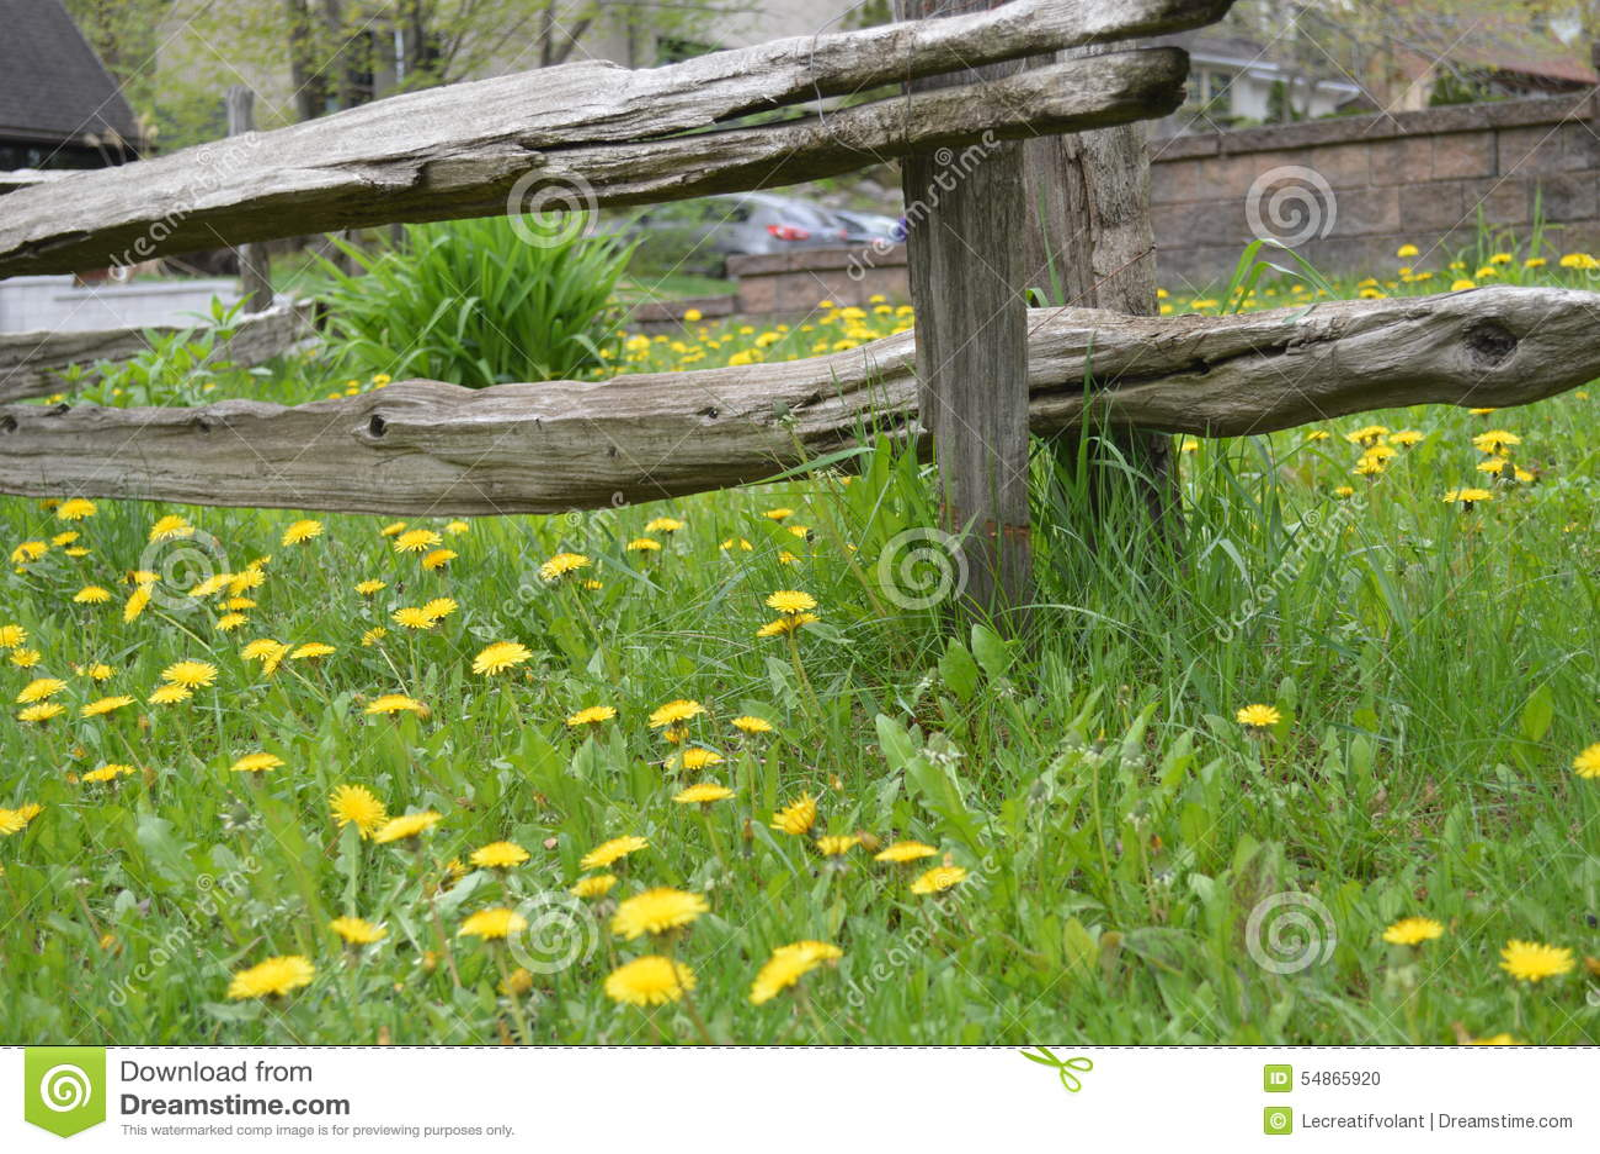 Dandelions In A Garden In The Lawn. Field Of Dandelions. Return Of Spring.  Weeds In The Garden. Wooden Barriers. Ranch Fence.